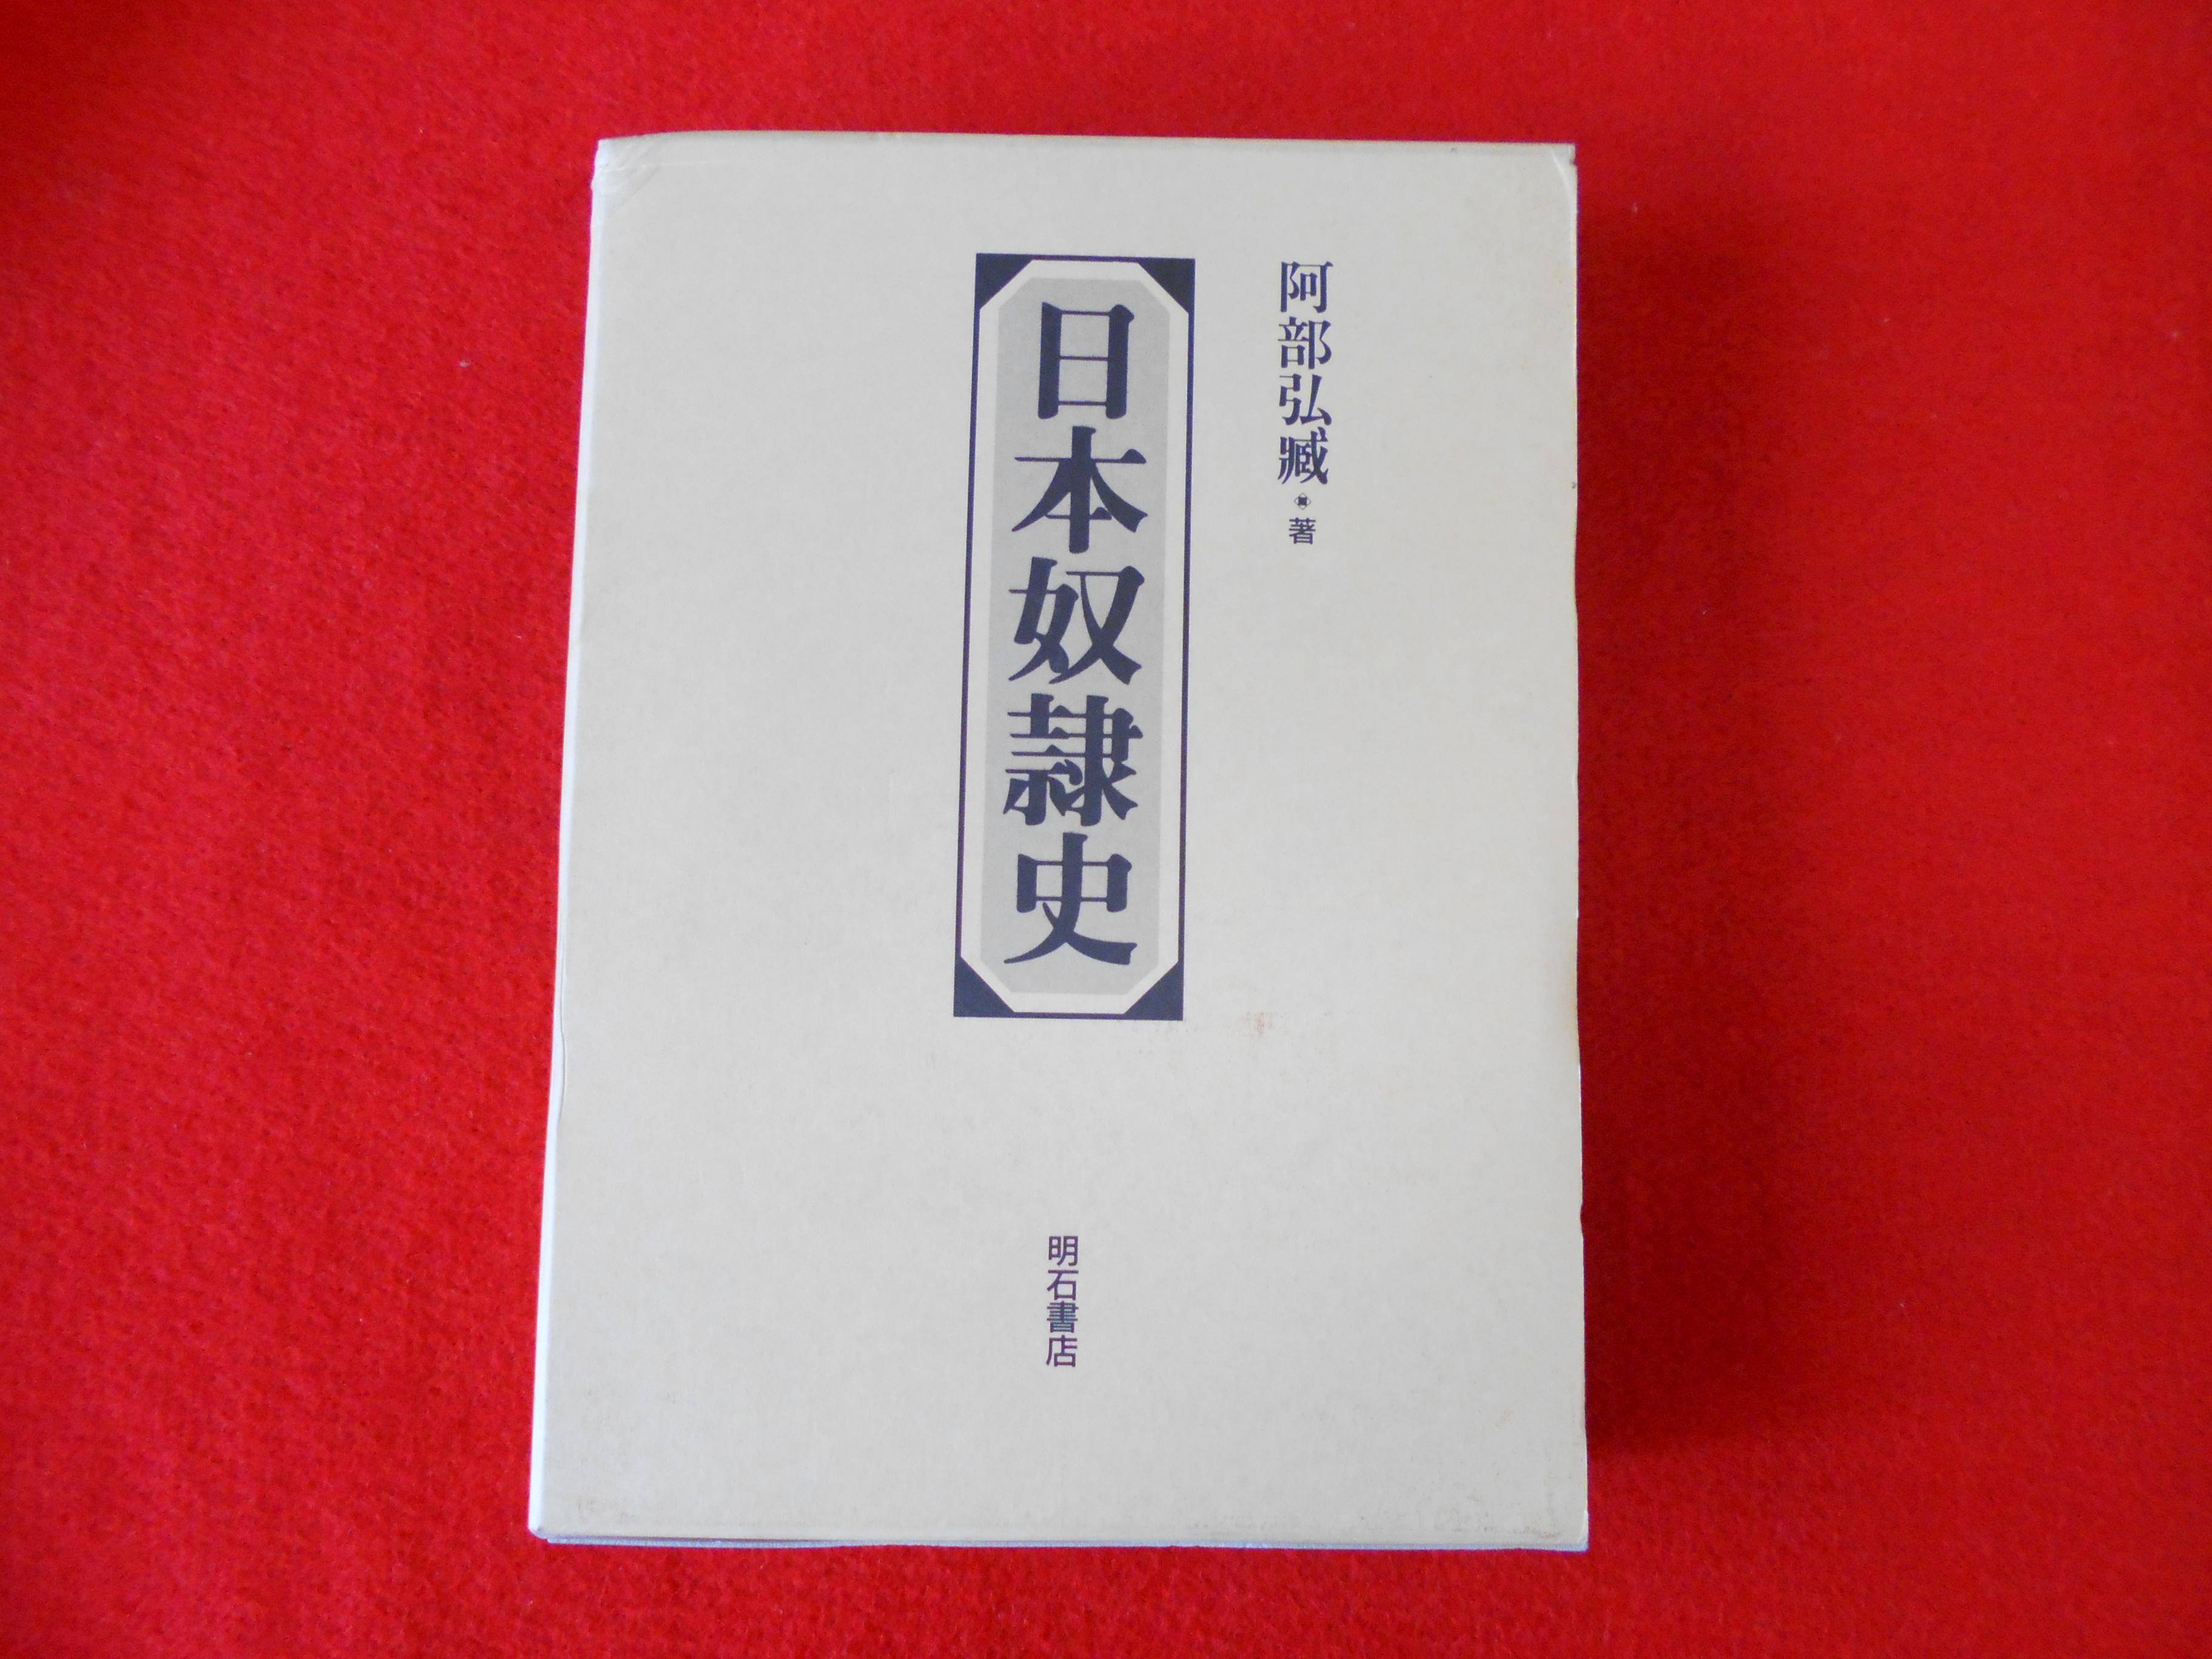 【日本奴隷史】店頭買取も行っていますの画像